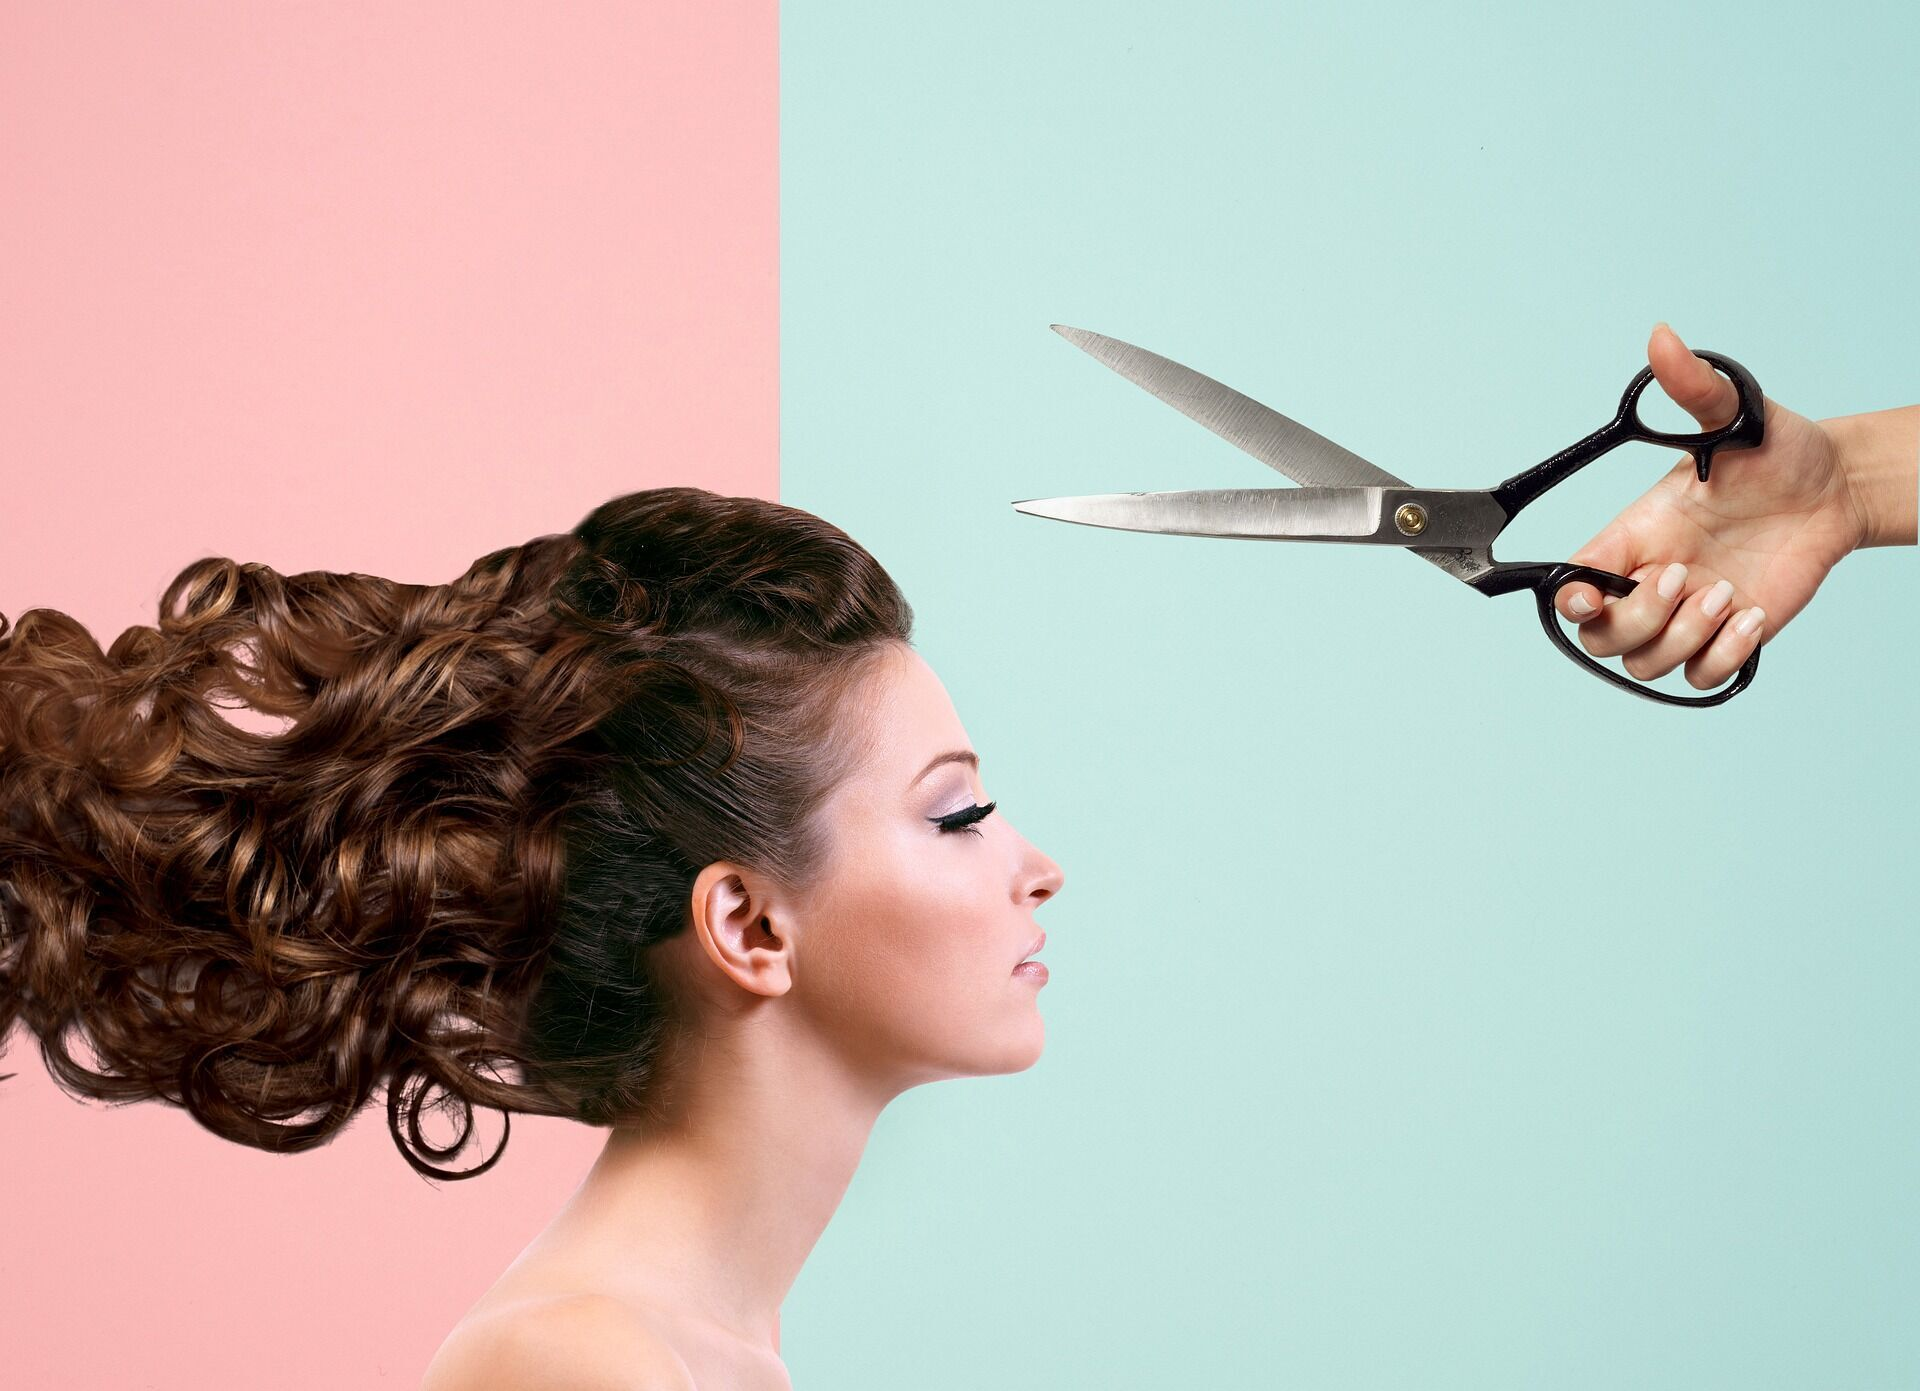 Від того, у який місячний день підстрижено волосся, на думку астрологів, можуть залежати їхні ріст і здоров'я